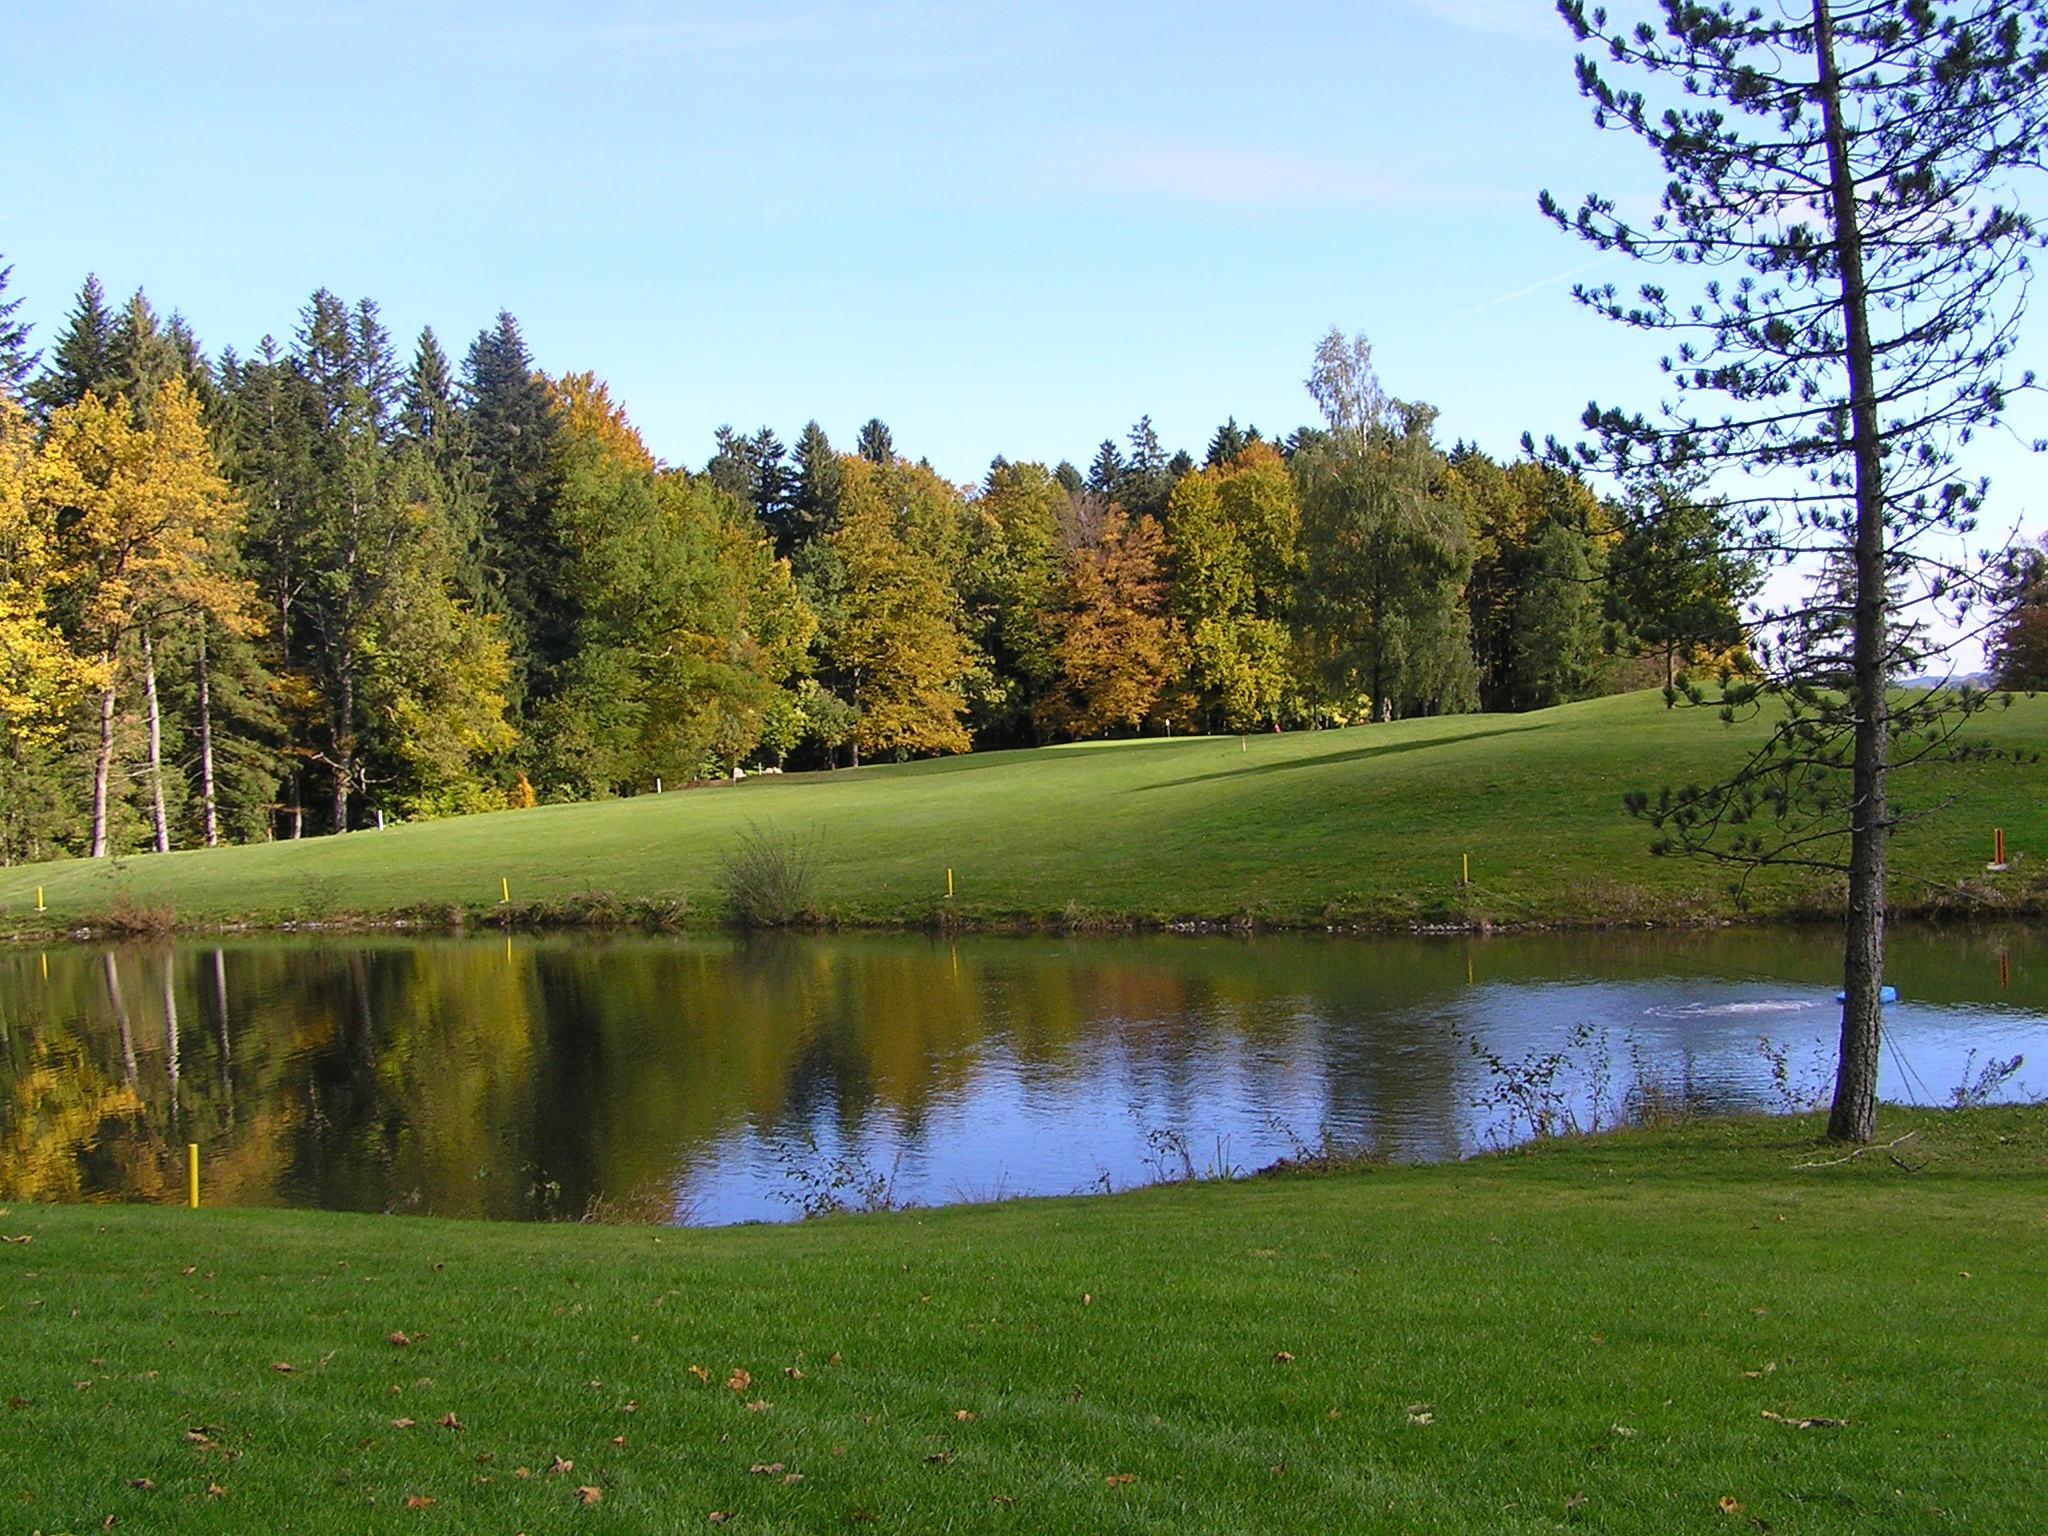 картинка озера с поляной белые голуби